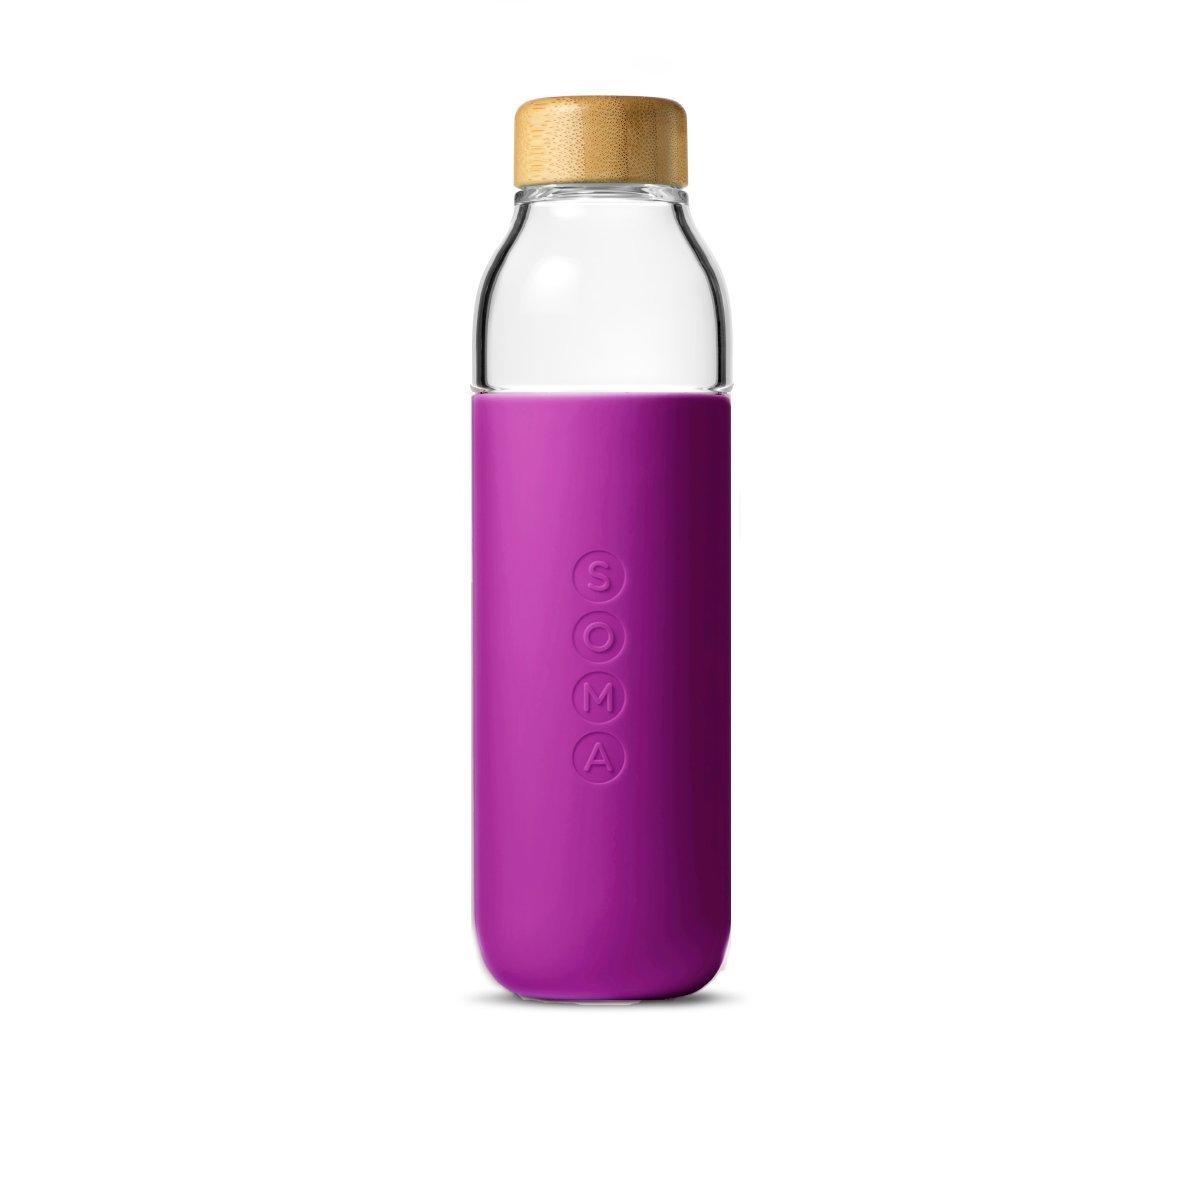 竹蓋玻璃水樽 500ml - 紫色